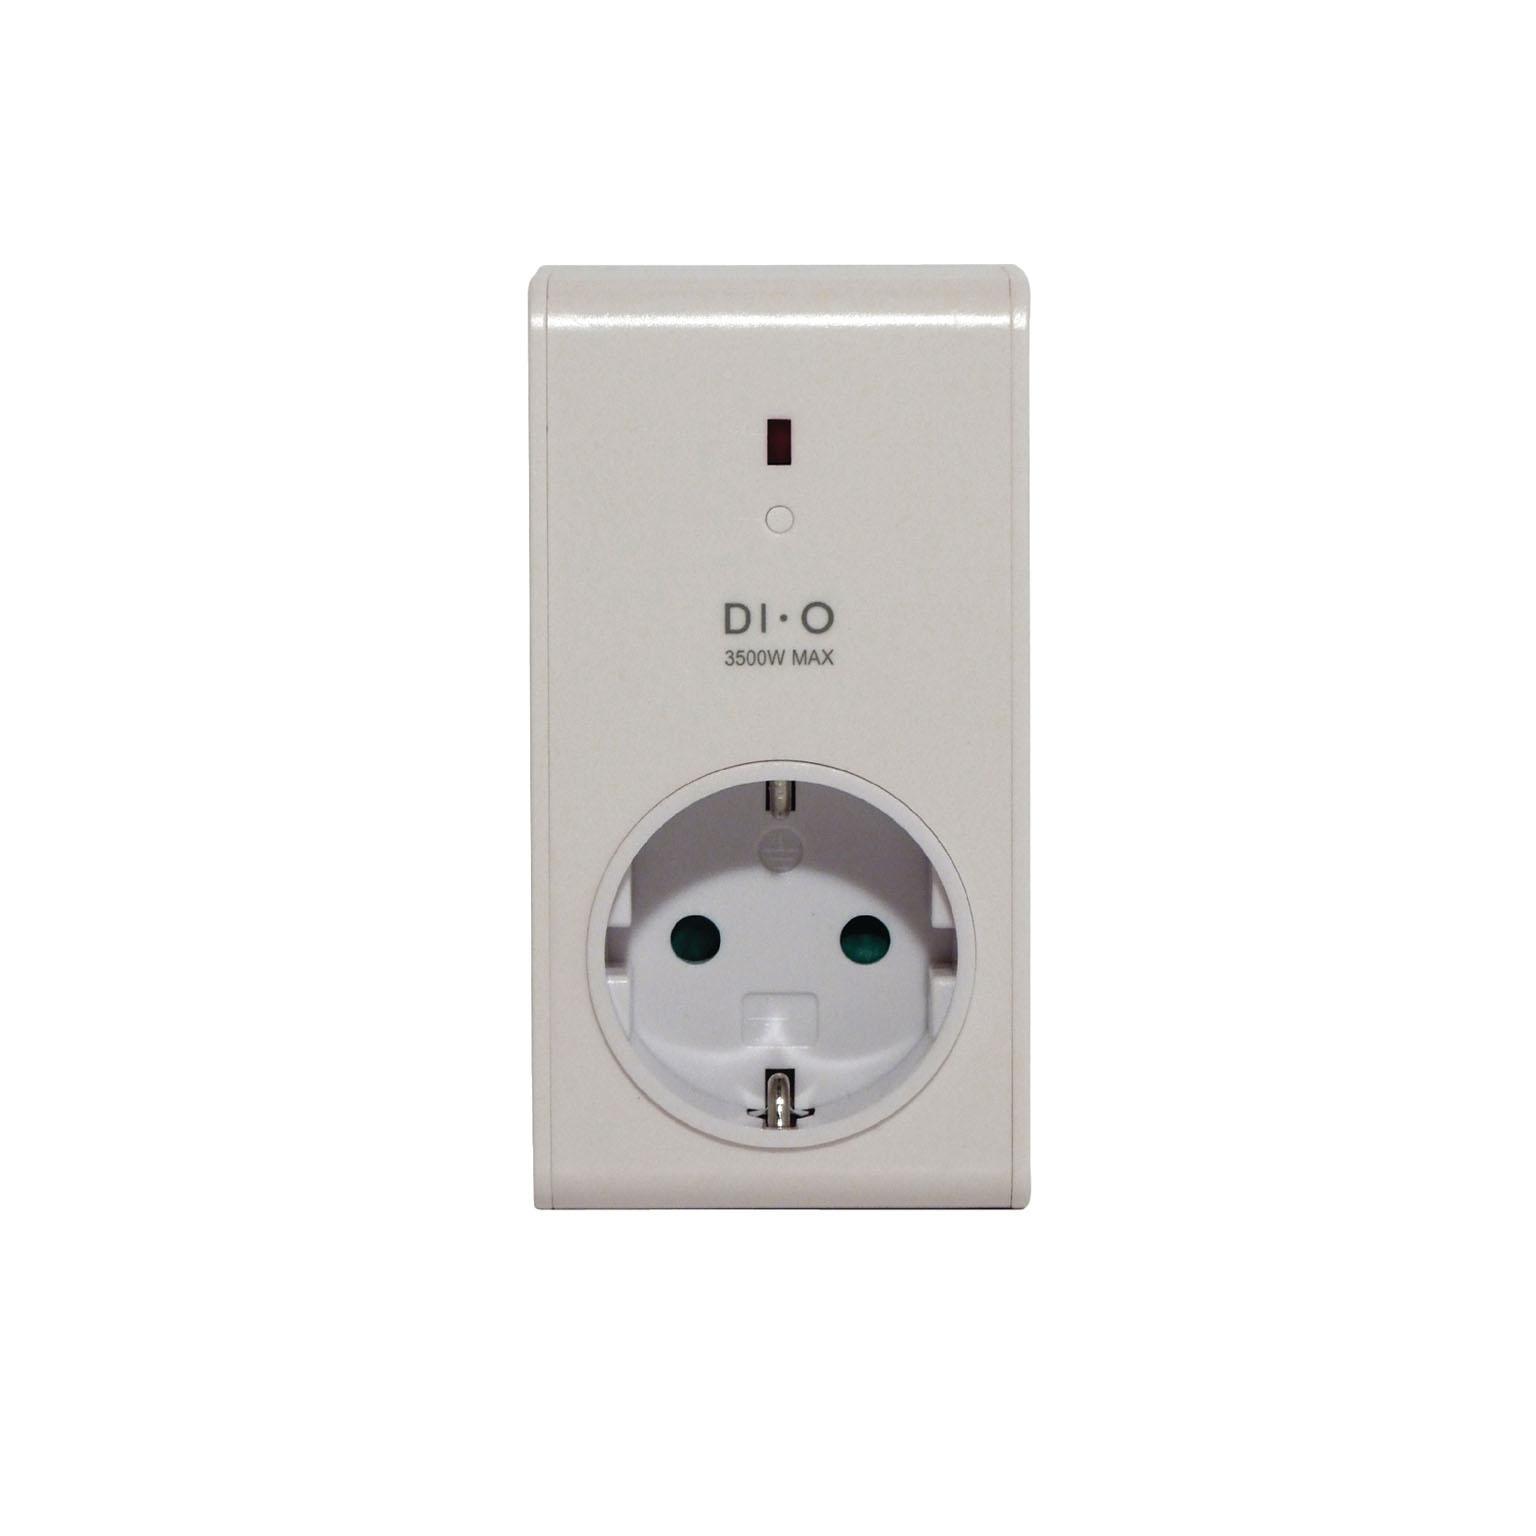 Aan/Uit Stekker - 3000W Bruikbaar met andere DI-O producten uit het assortiment